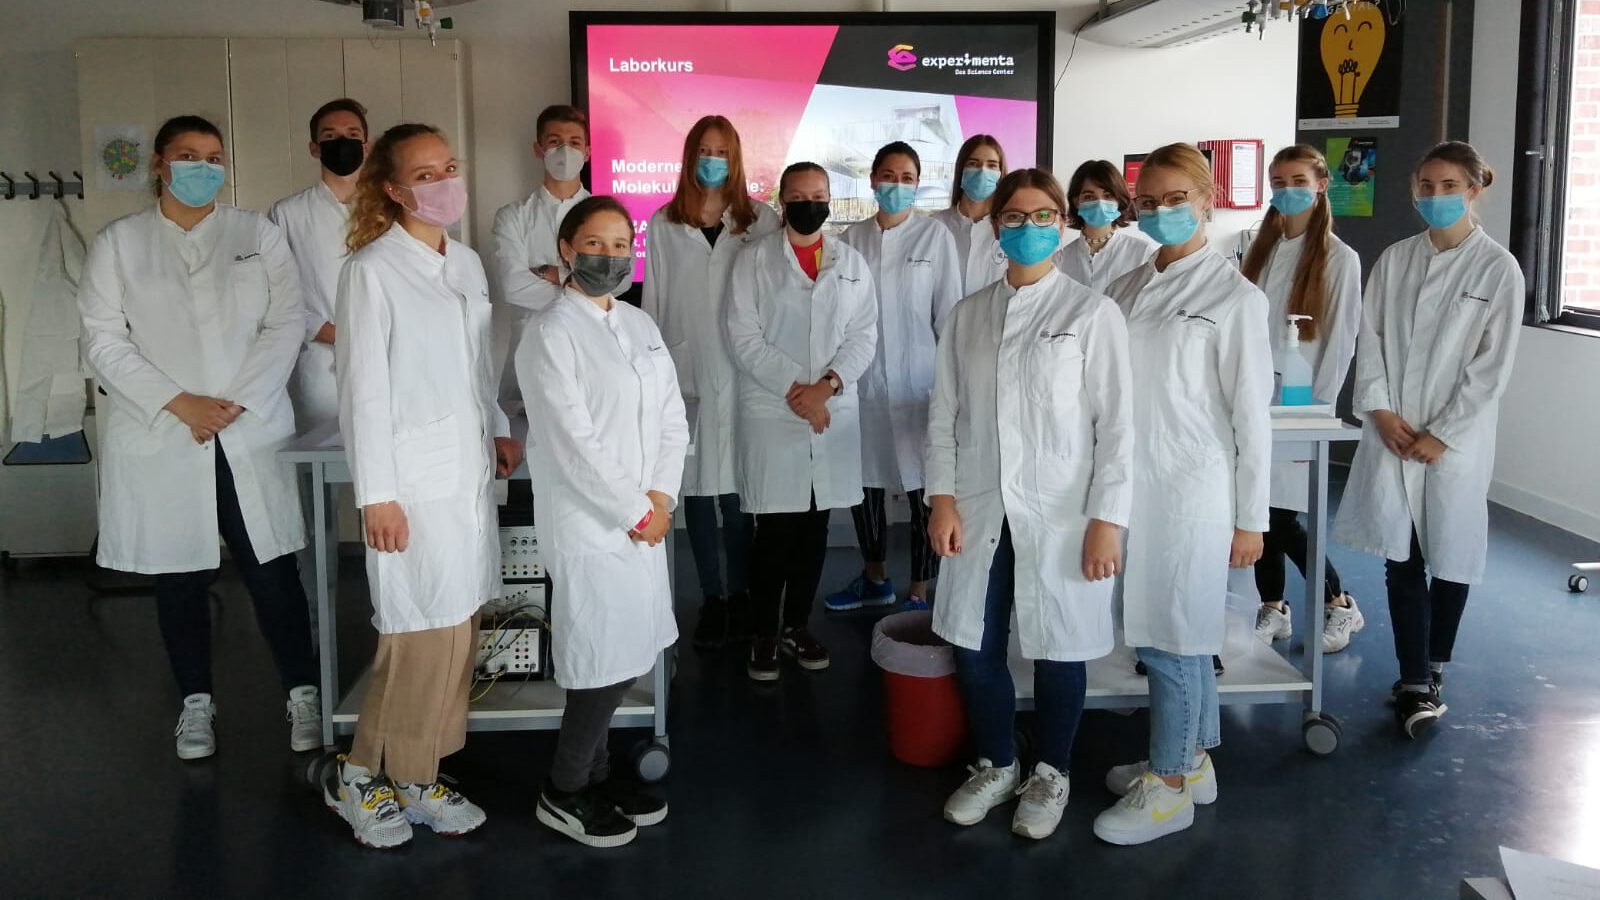 Exkursion zur Experimenta des Biologie-LK